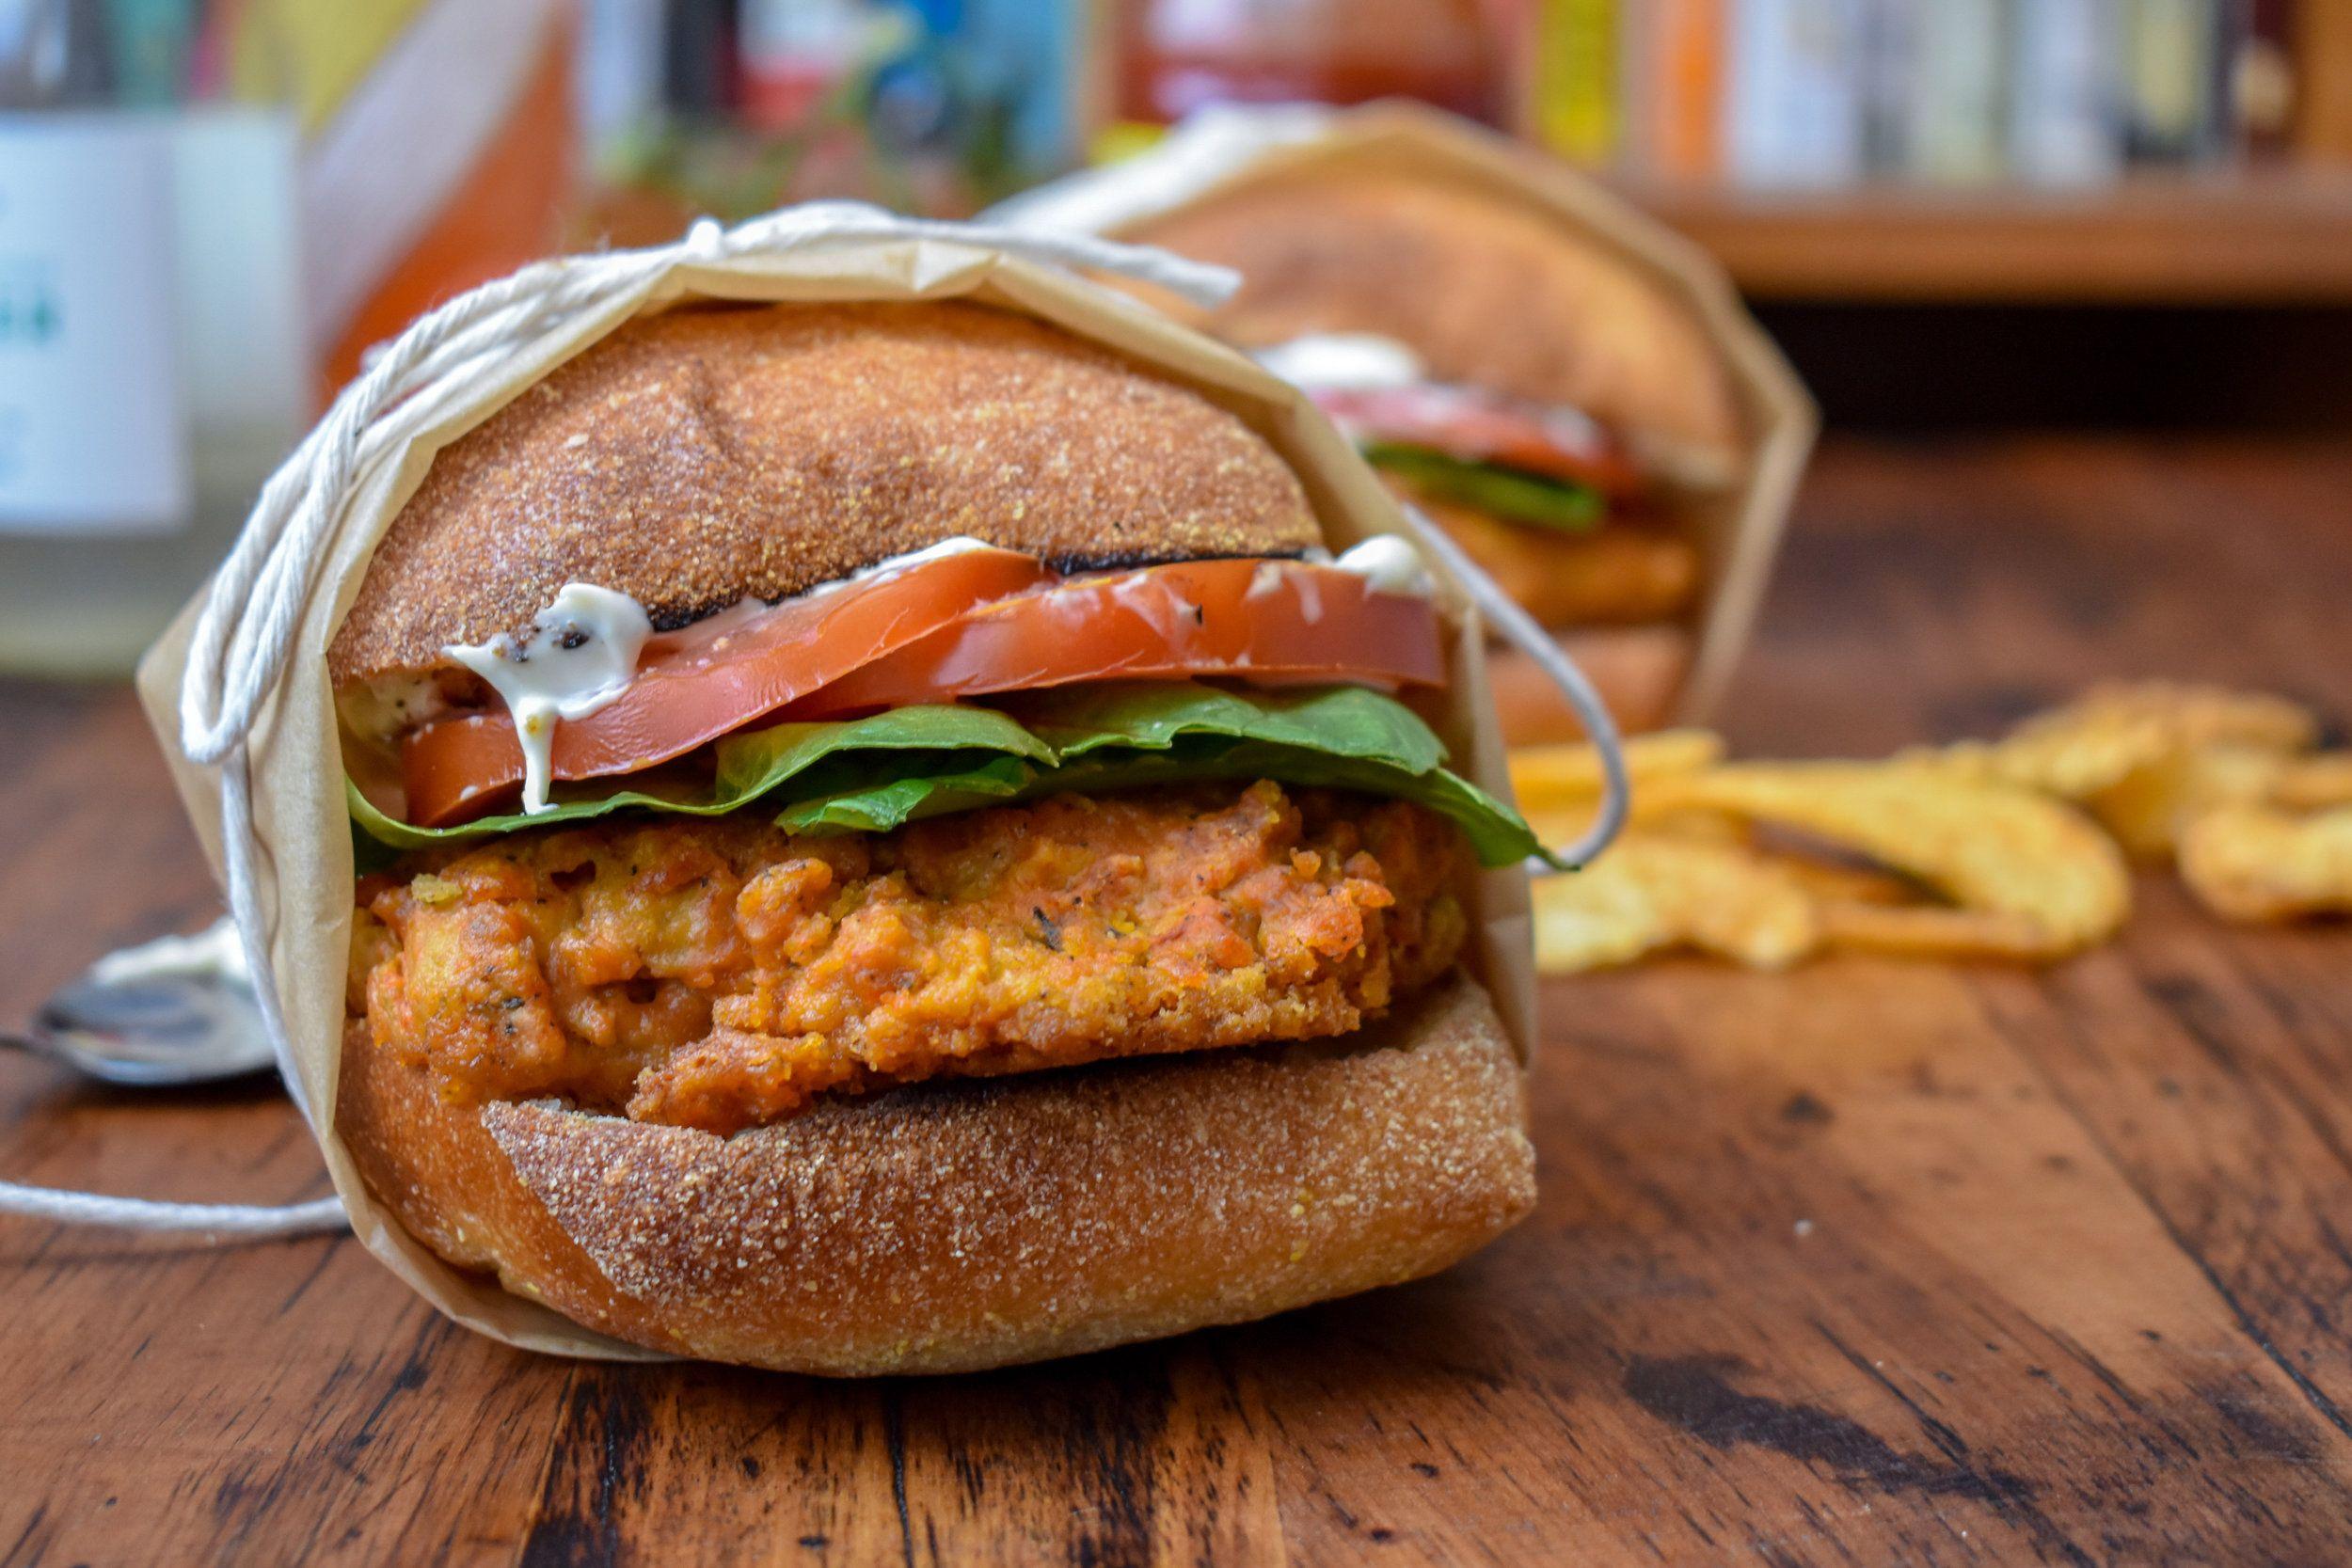 Vegan Wendy S Mock Spicy Chicken Sandwich W Meatfree Breaded Chicken Patty The Vegan Caveman Recipe Vegan Fried Chicken Spicy Chicken Spicy Chicken Sandwiches